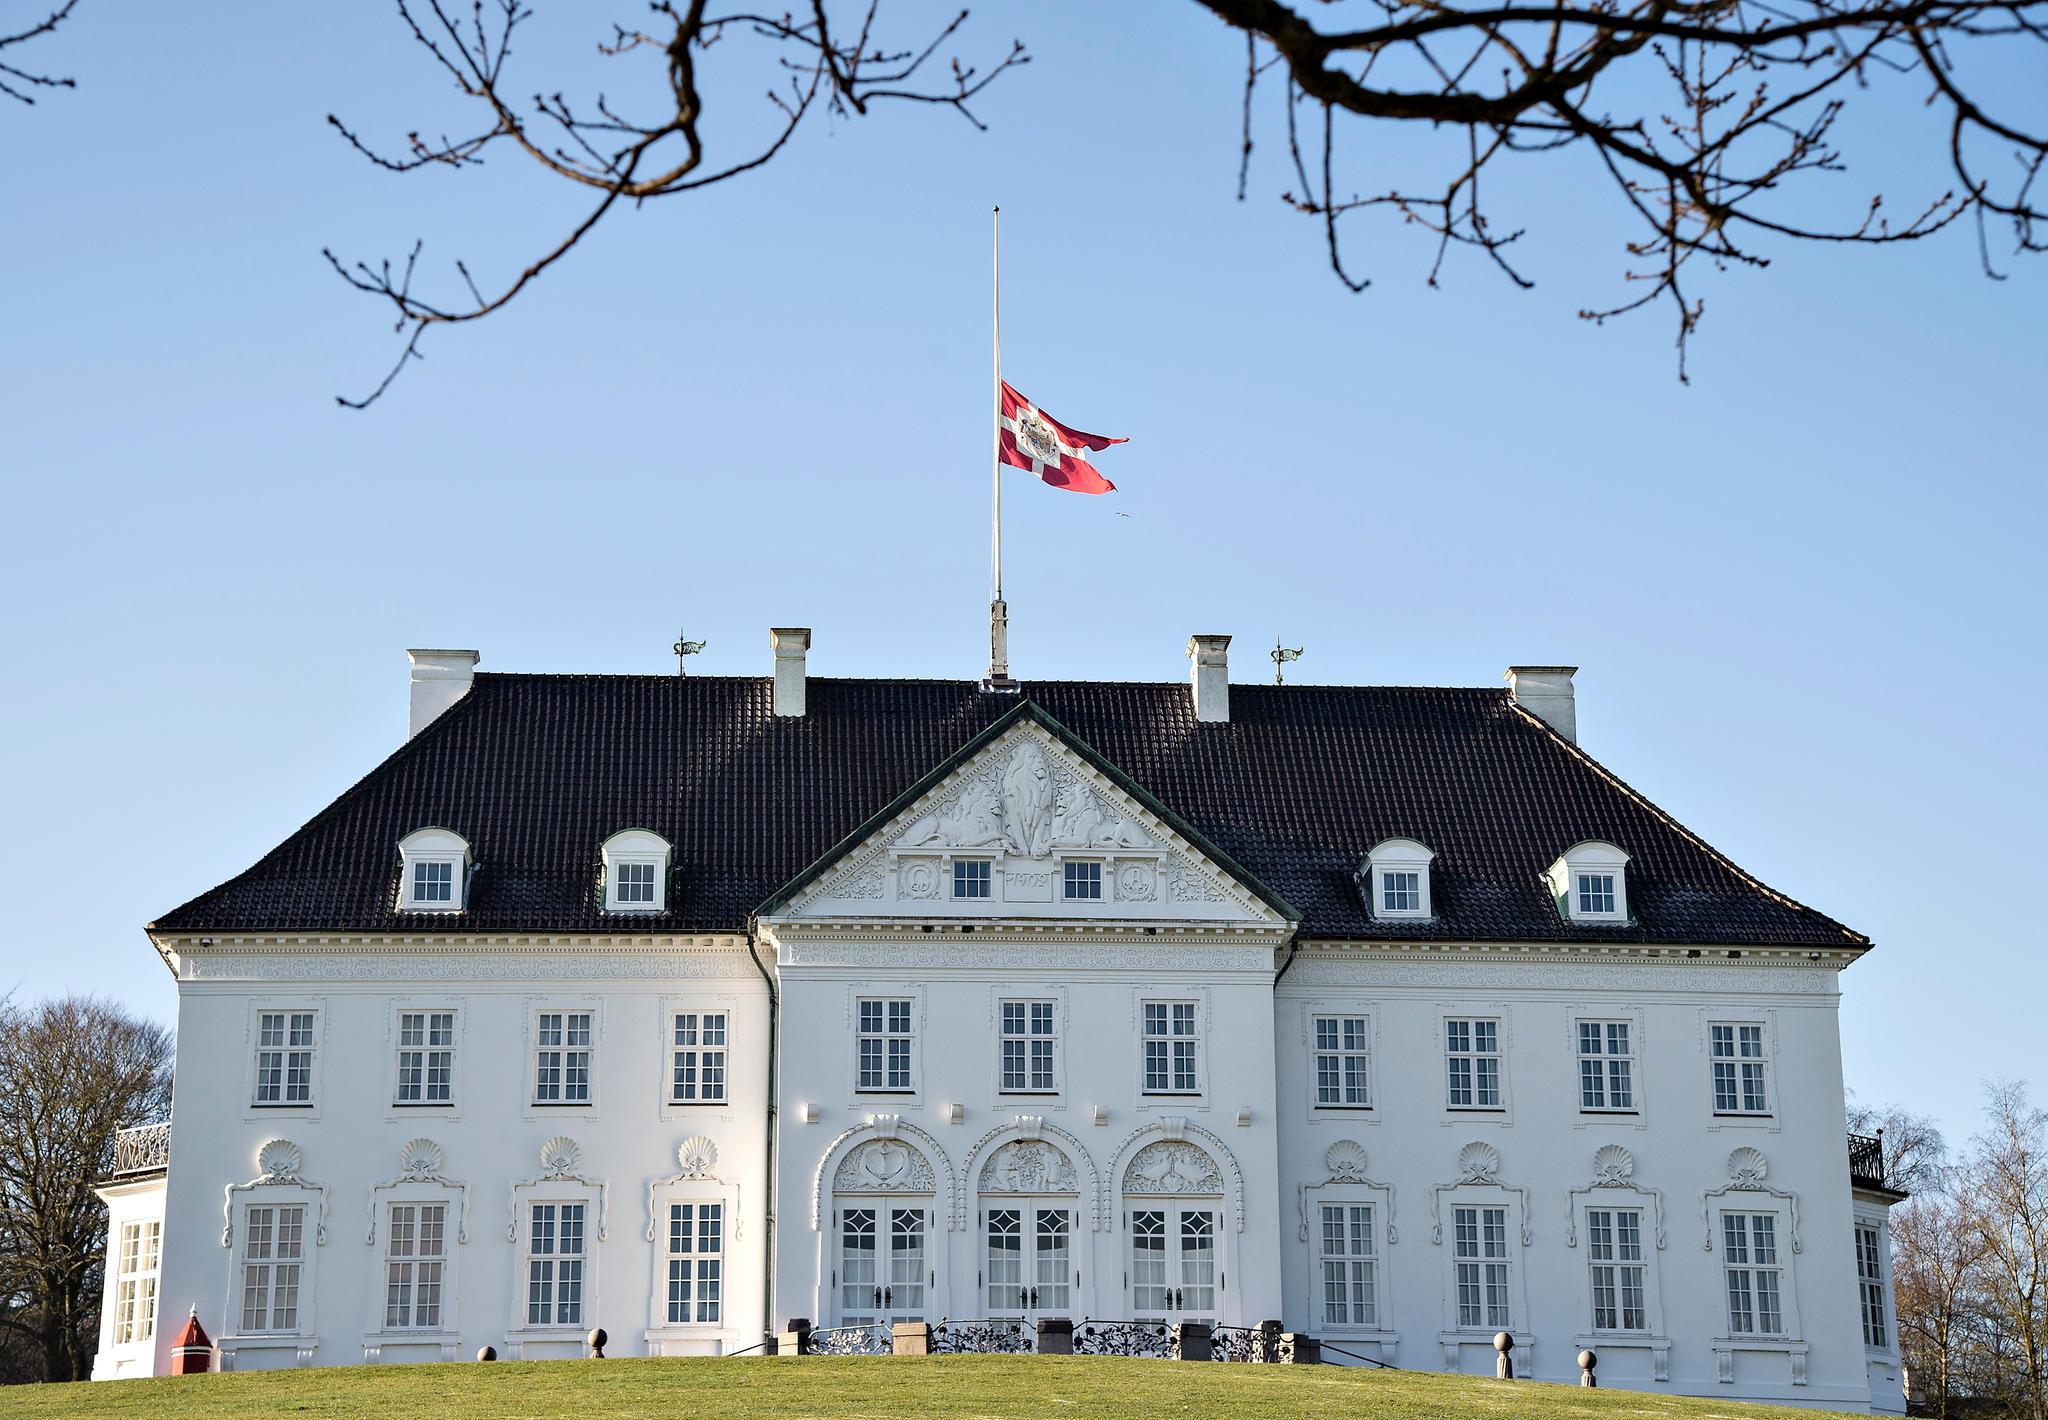 Auf den royalen Residenzen, wie hier auf Schloss Gråsten, und auf vielen öffentlichen Gebäuden wehen die Flaggen auf Halbmast.